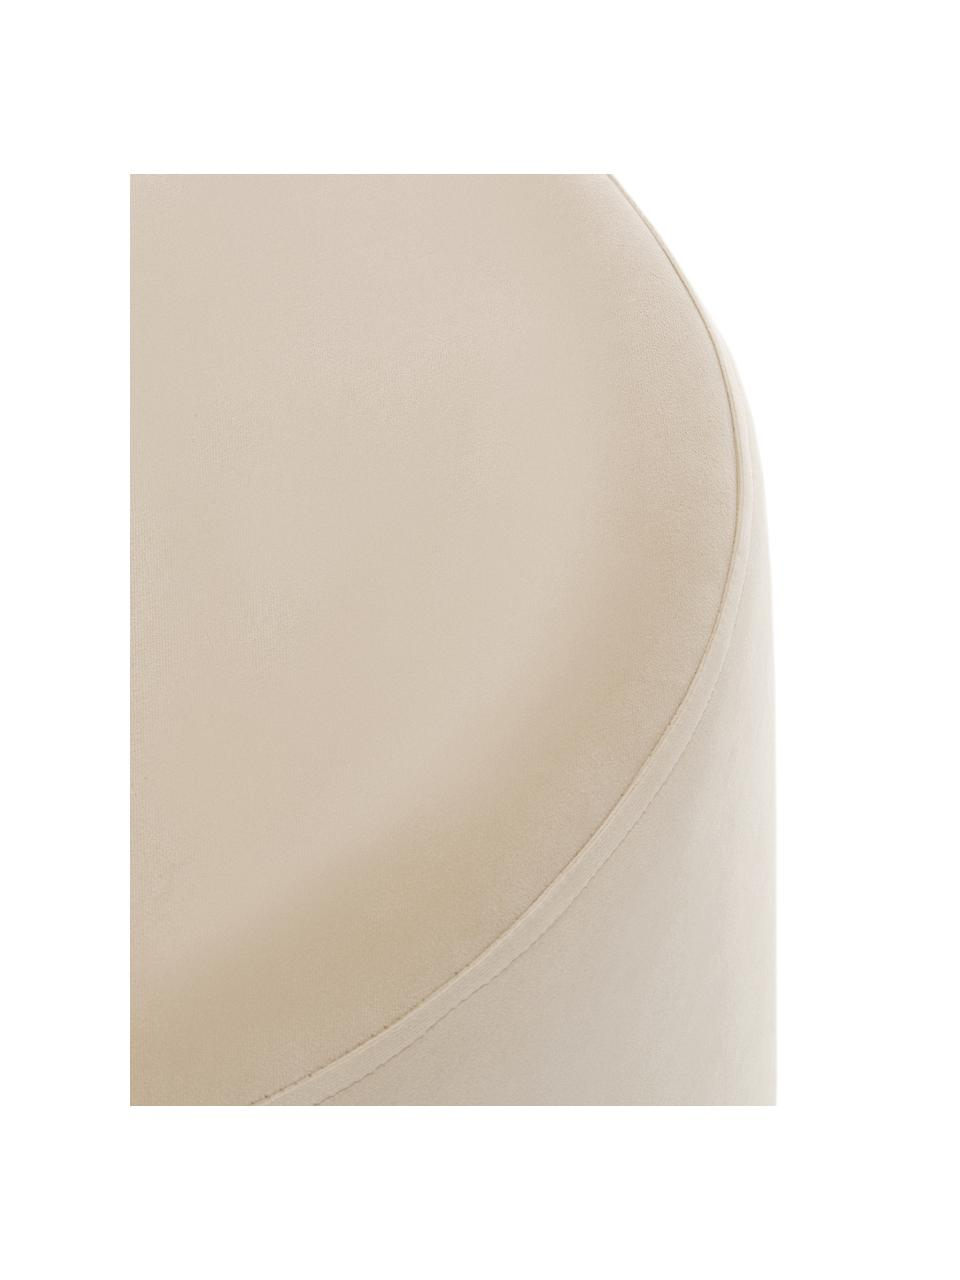 Fluwelen poef Daisy, Bekleding: fluweel (polyester), Frame: multiplex, Fluweel beige, Ø 54 x H 38 cm